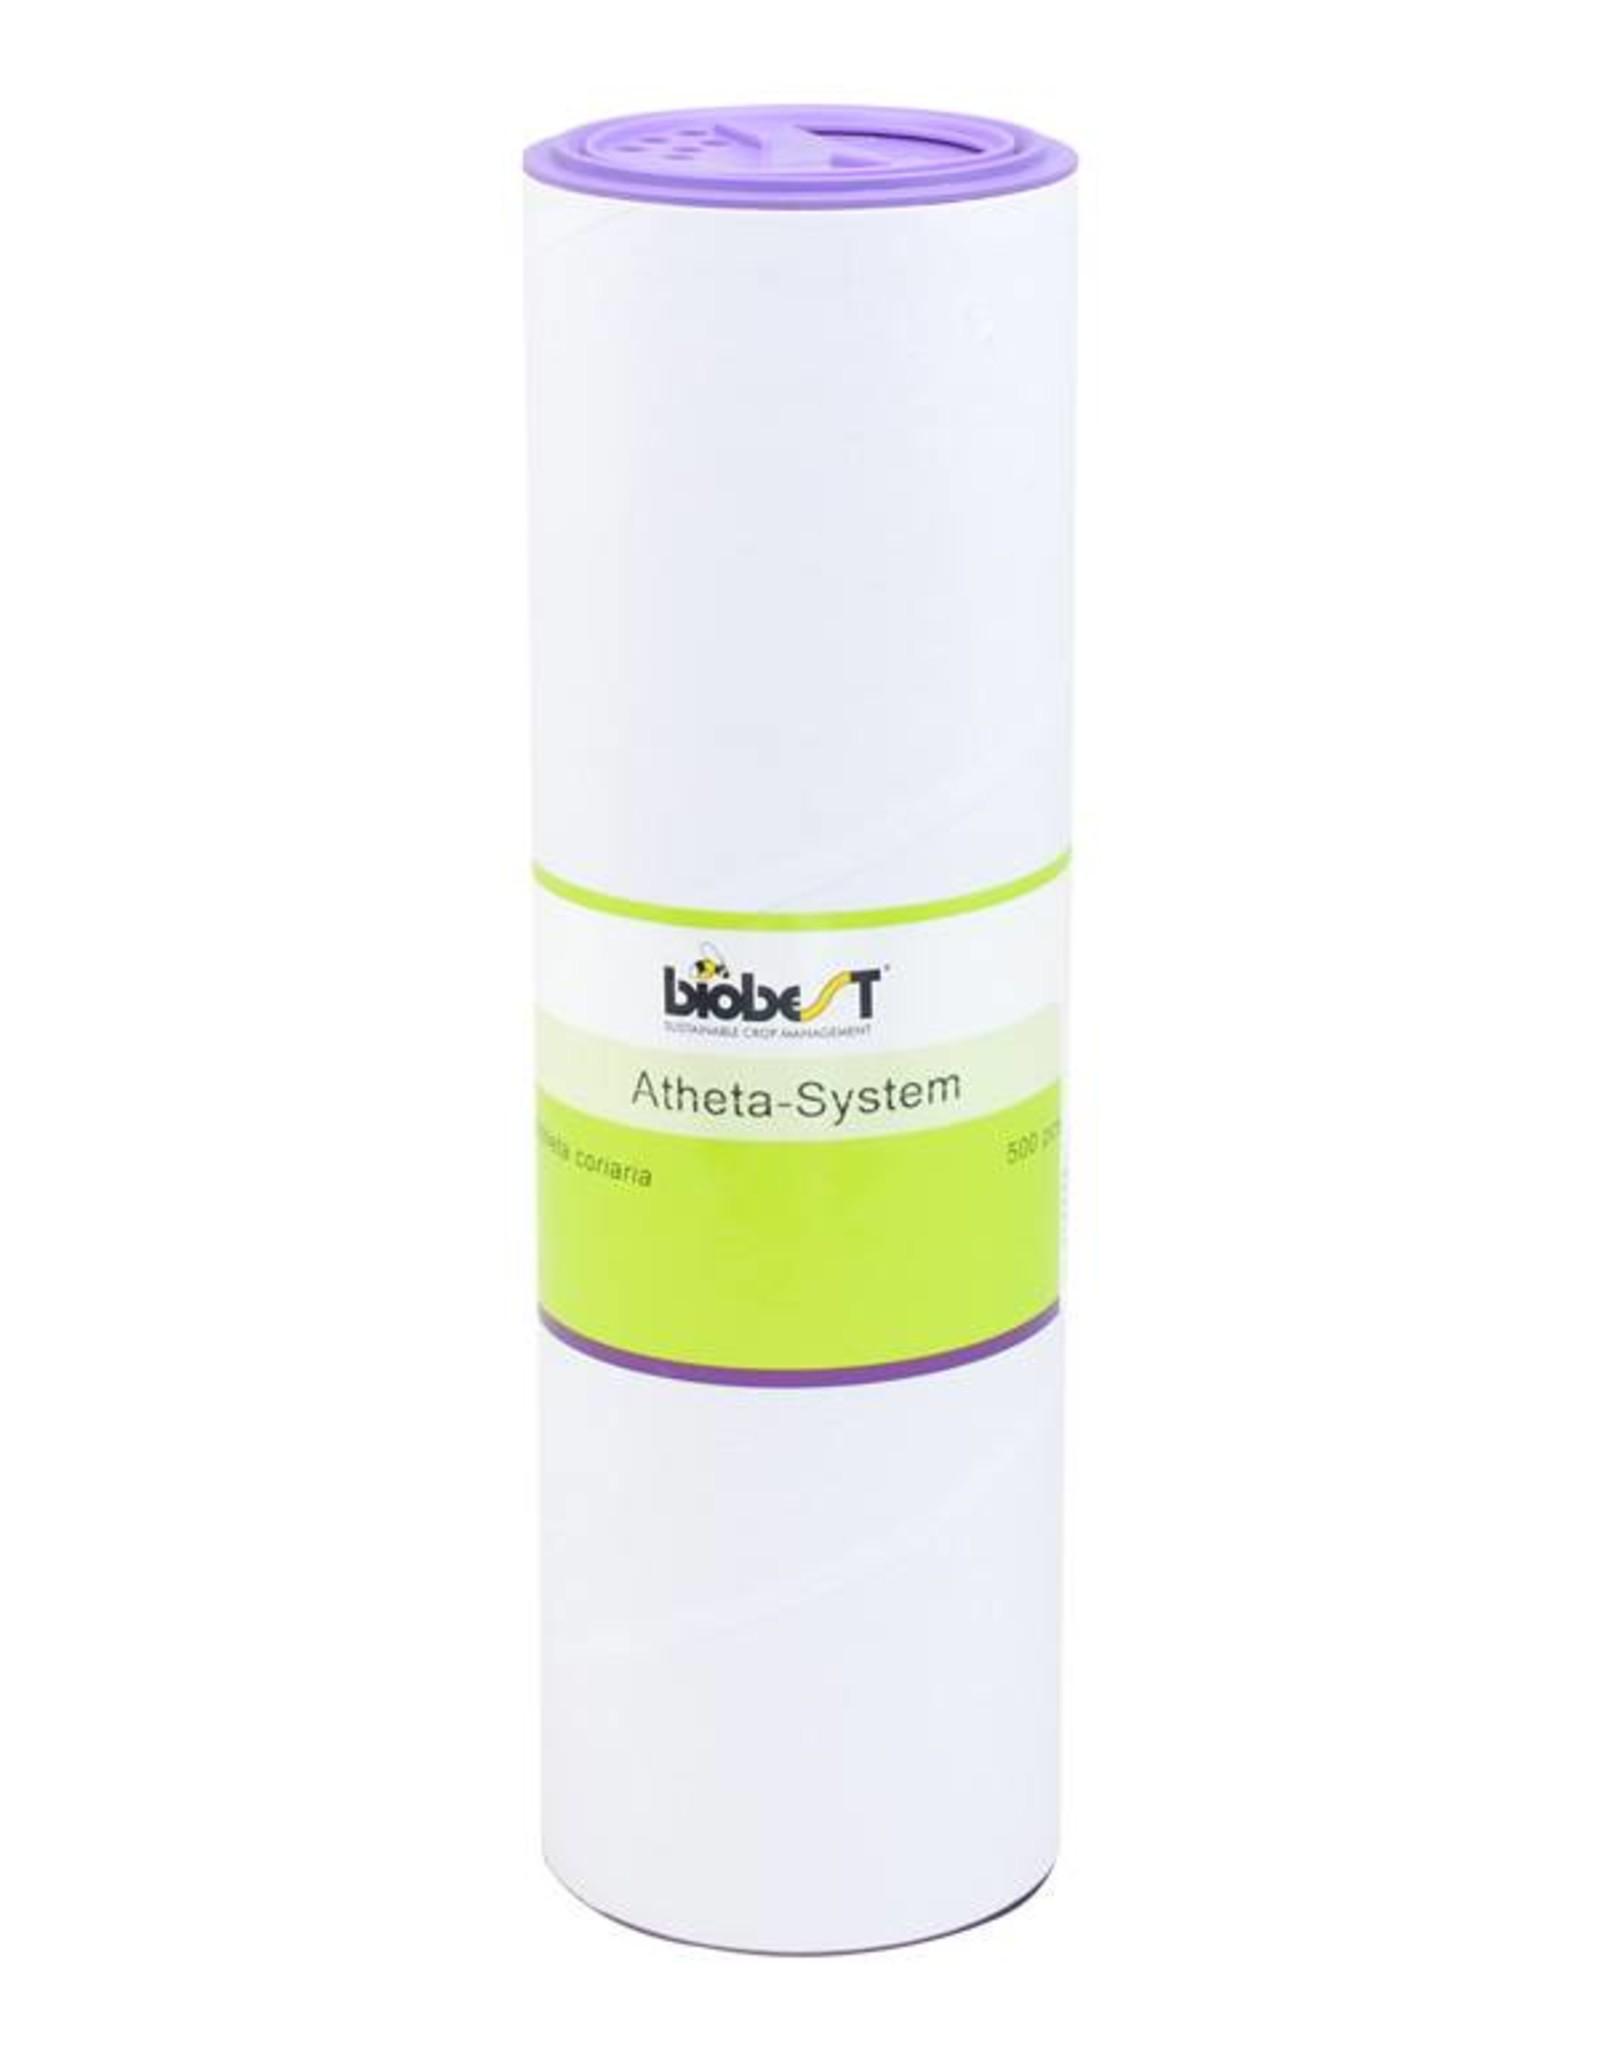 Brimex Biobest Oevervlieg bestrijden met roofkever Atheta coriaria